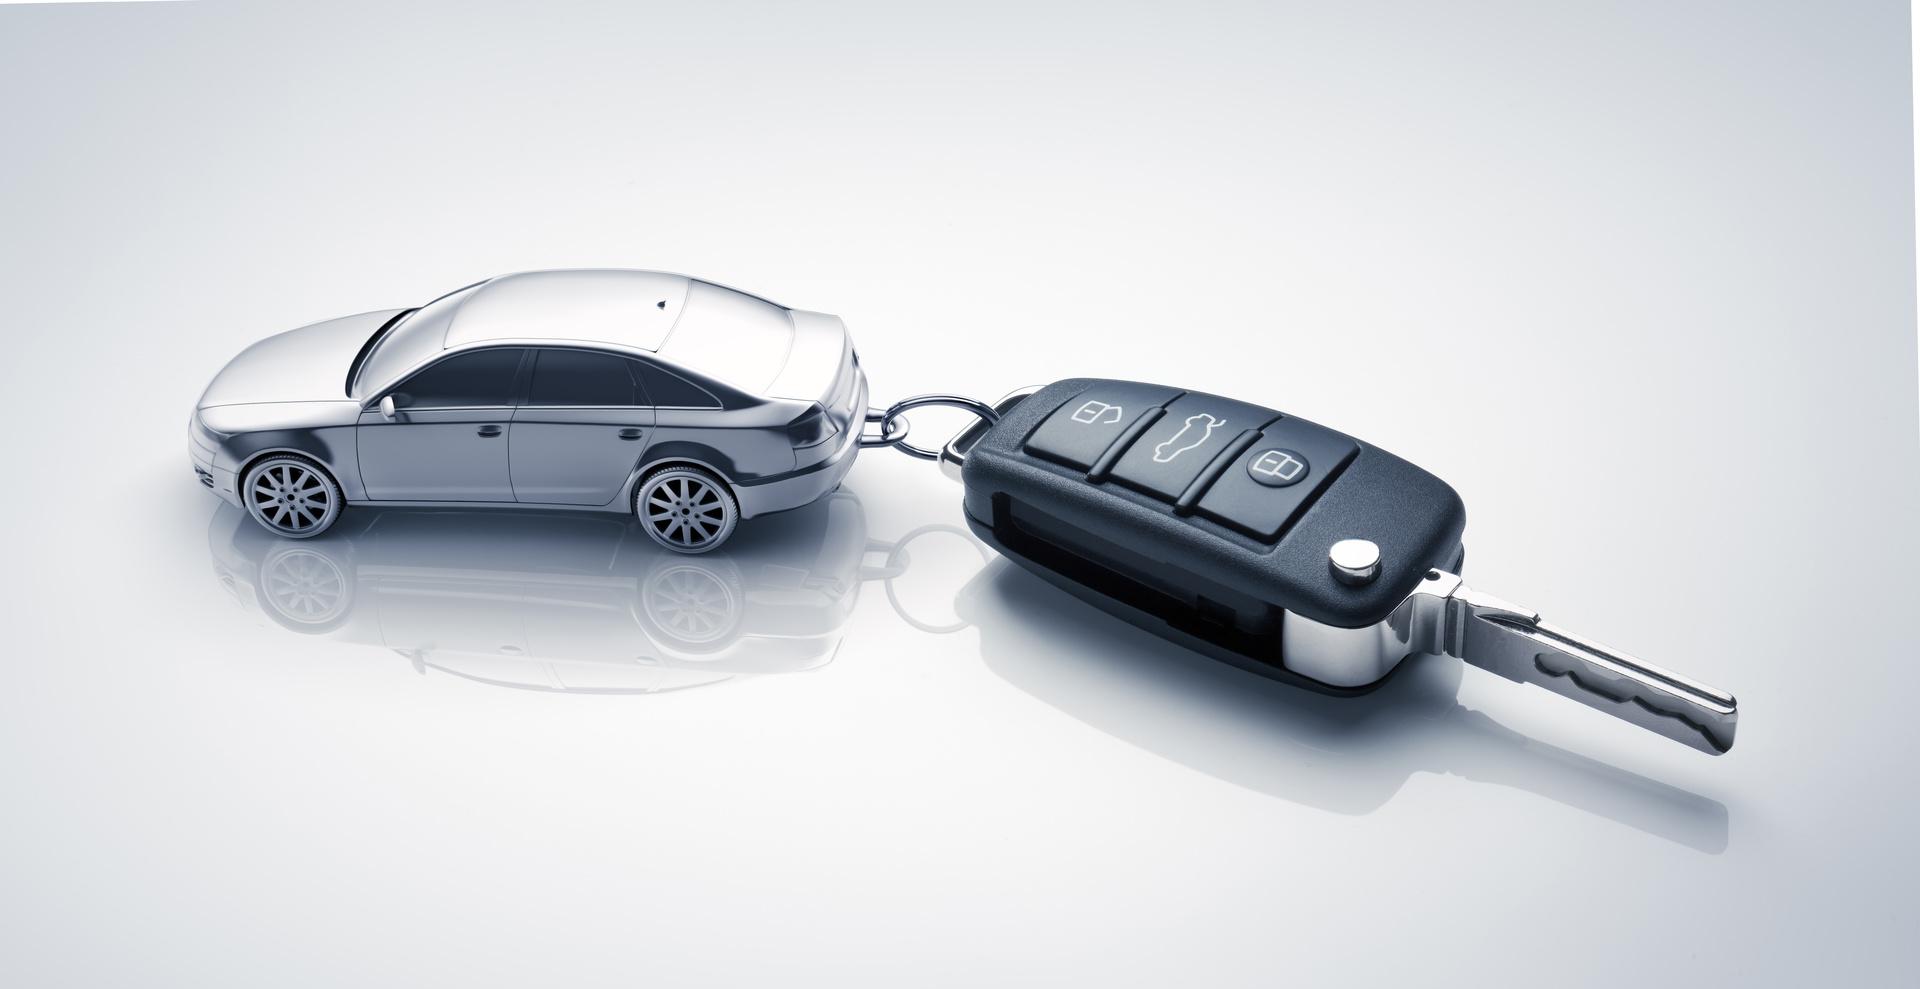 Auto Stelz Finanzierung Leasing